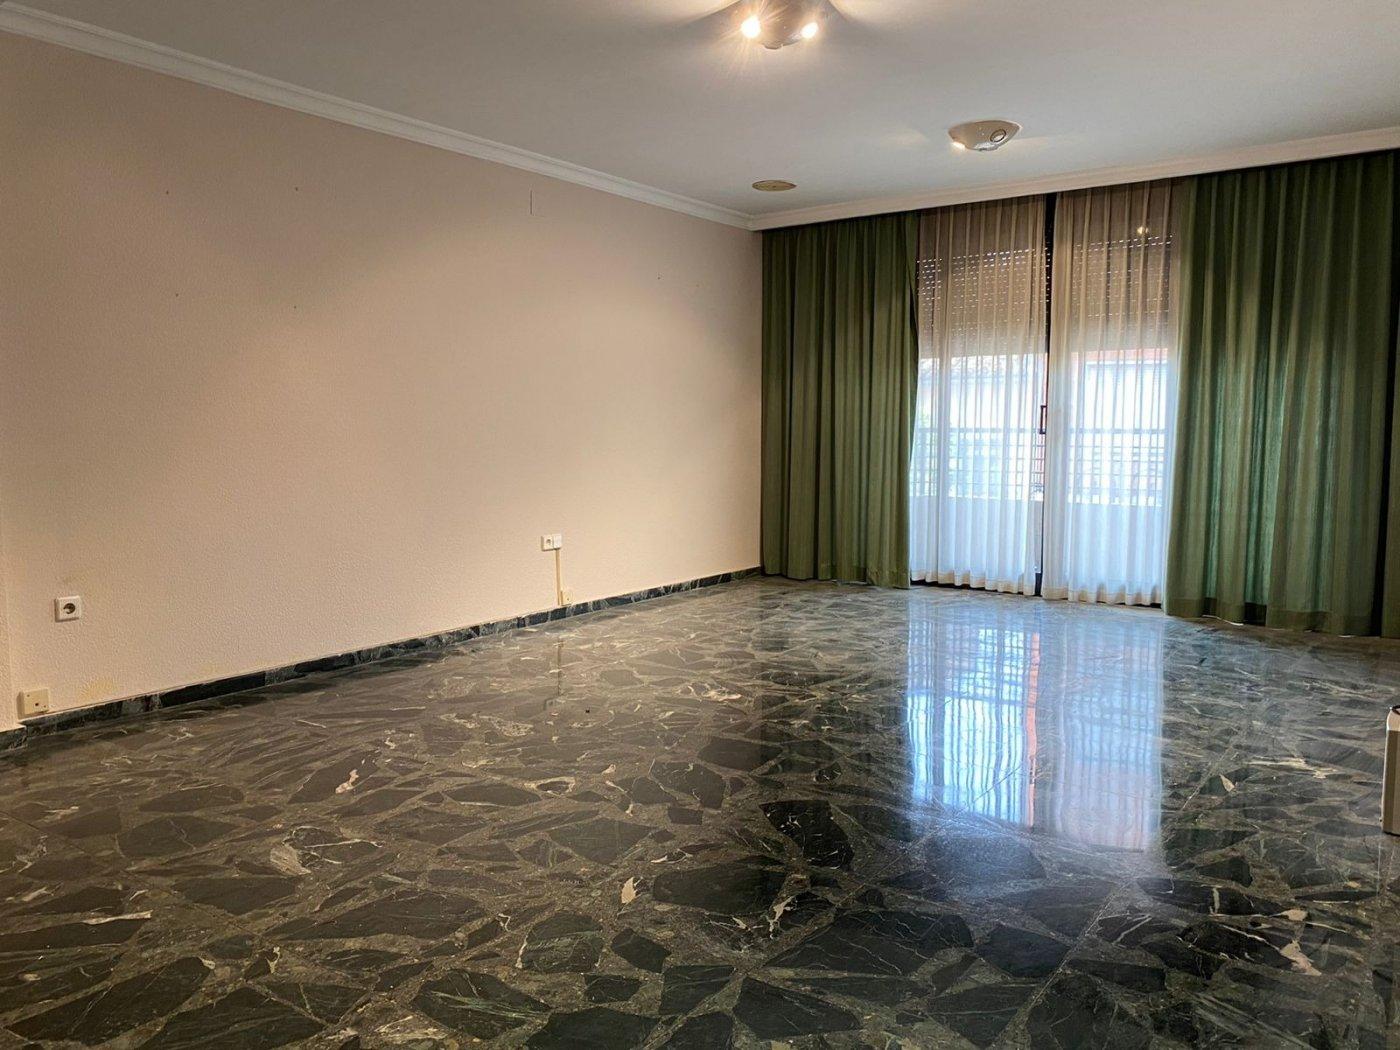 Miete Etagenwohnung  Aldaia ,centro. Espectacular piso en el centro de aldaia